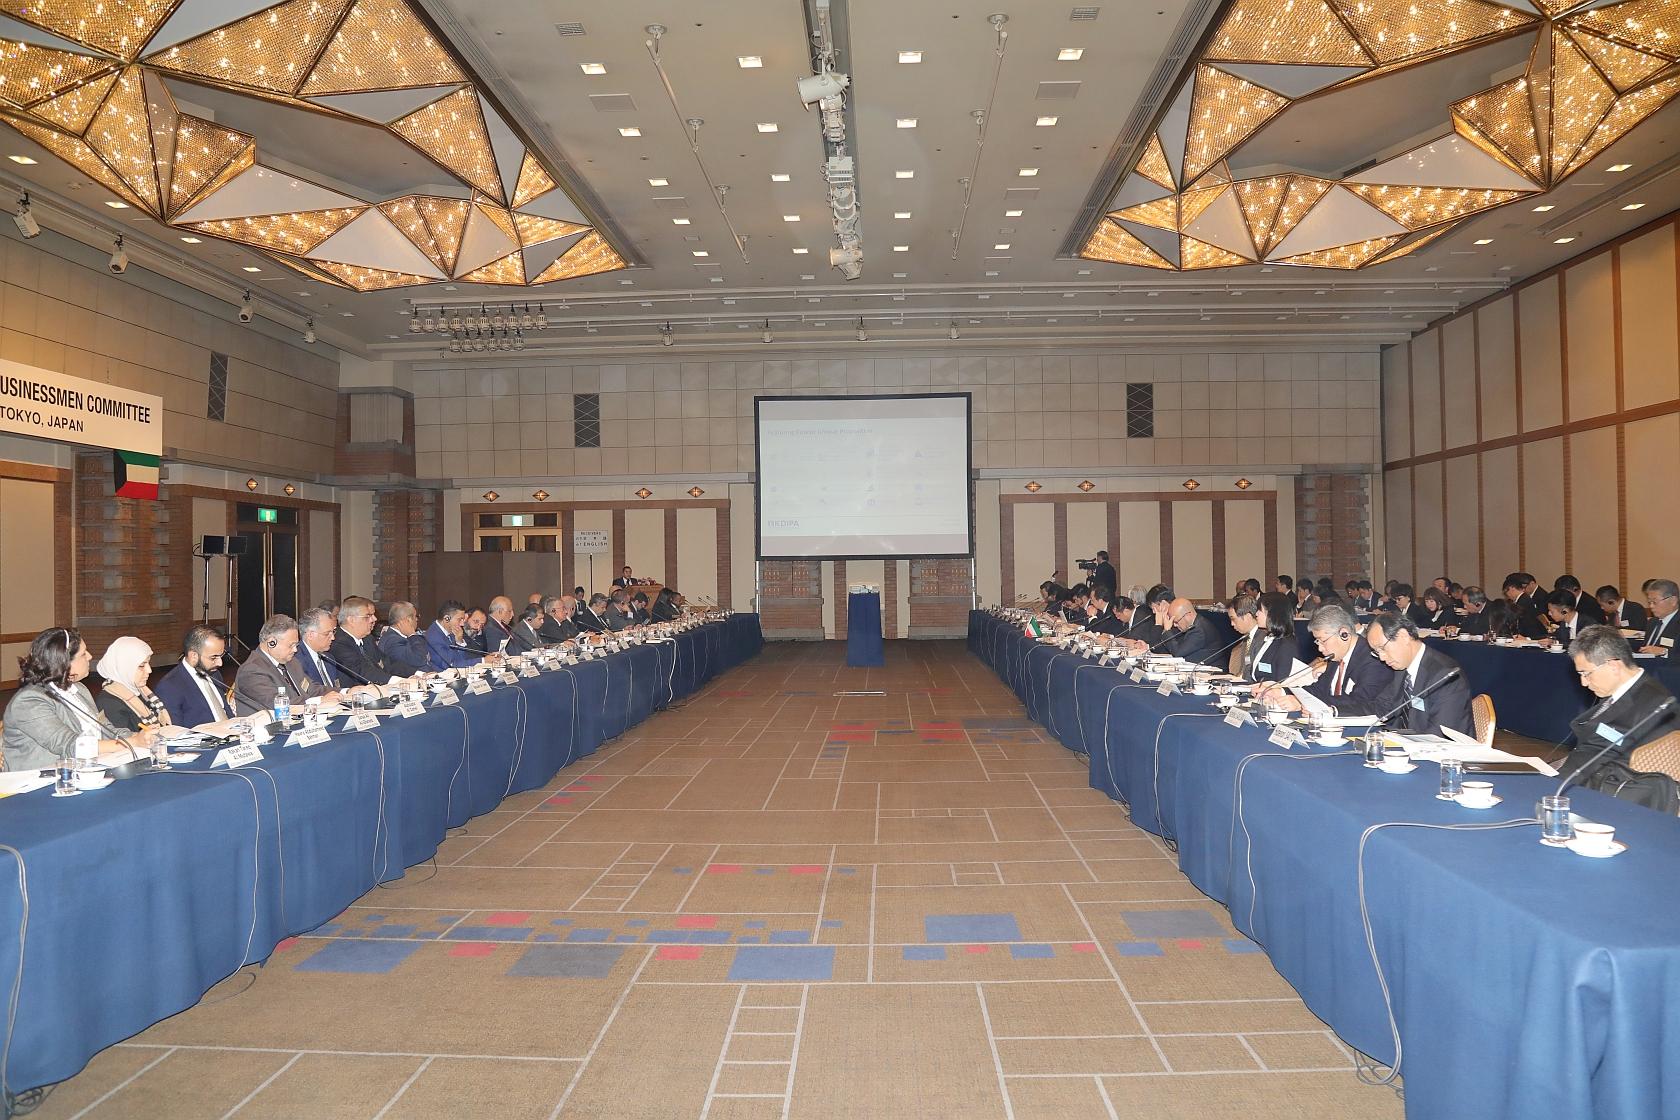 كونا : Kuwaiti-Japanese businessmen discuss investment